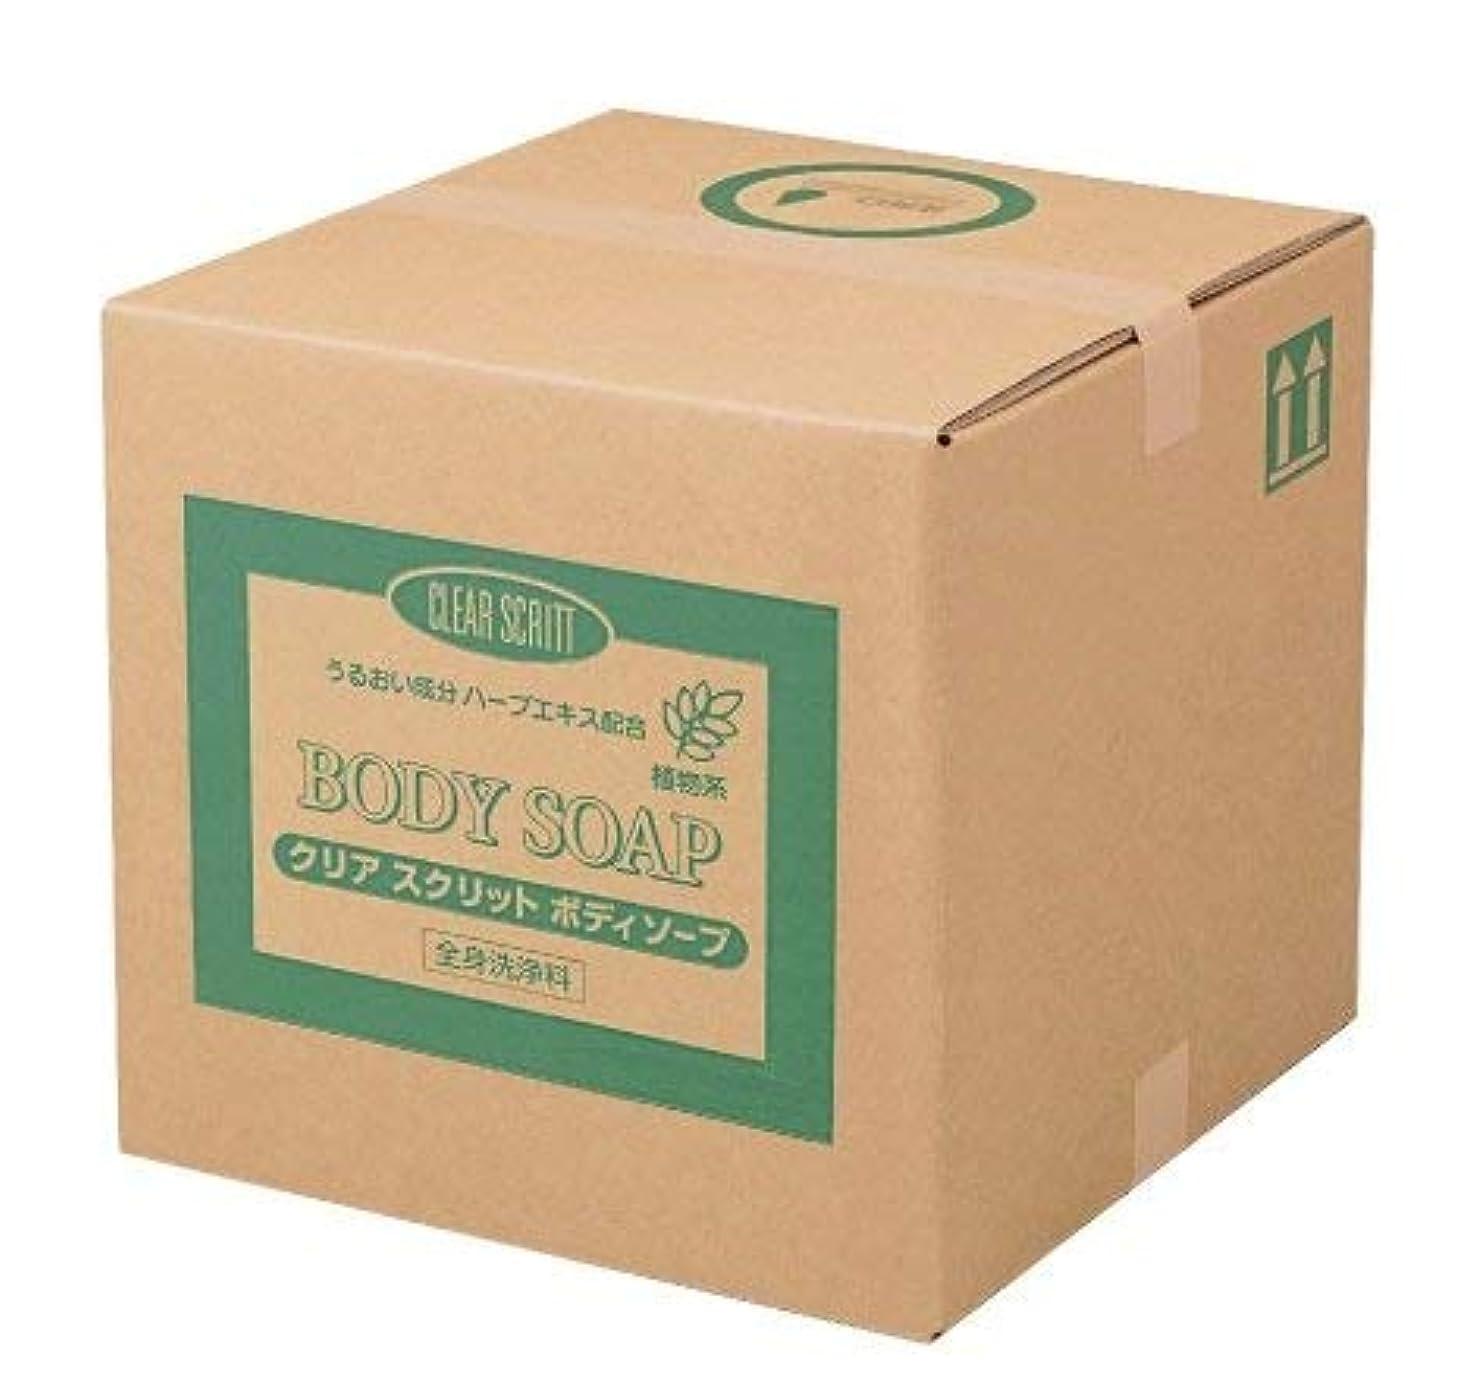 移動放送花嫁業務用 クリアスクリット ボディソープ 18L 熊野油脂 (コック付き)